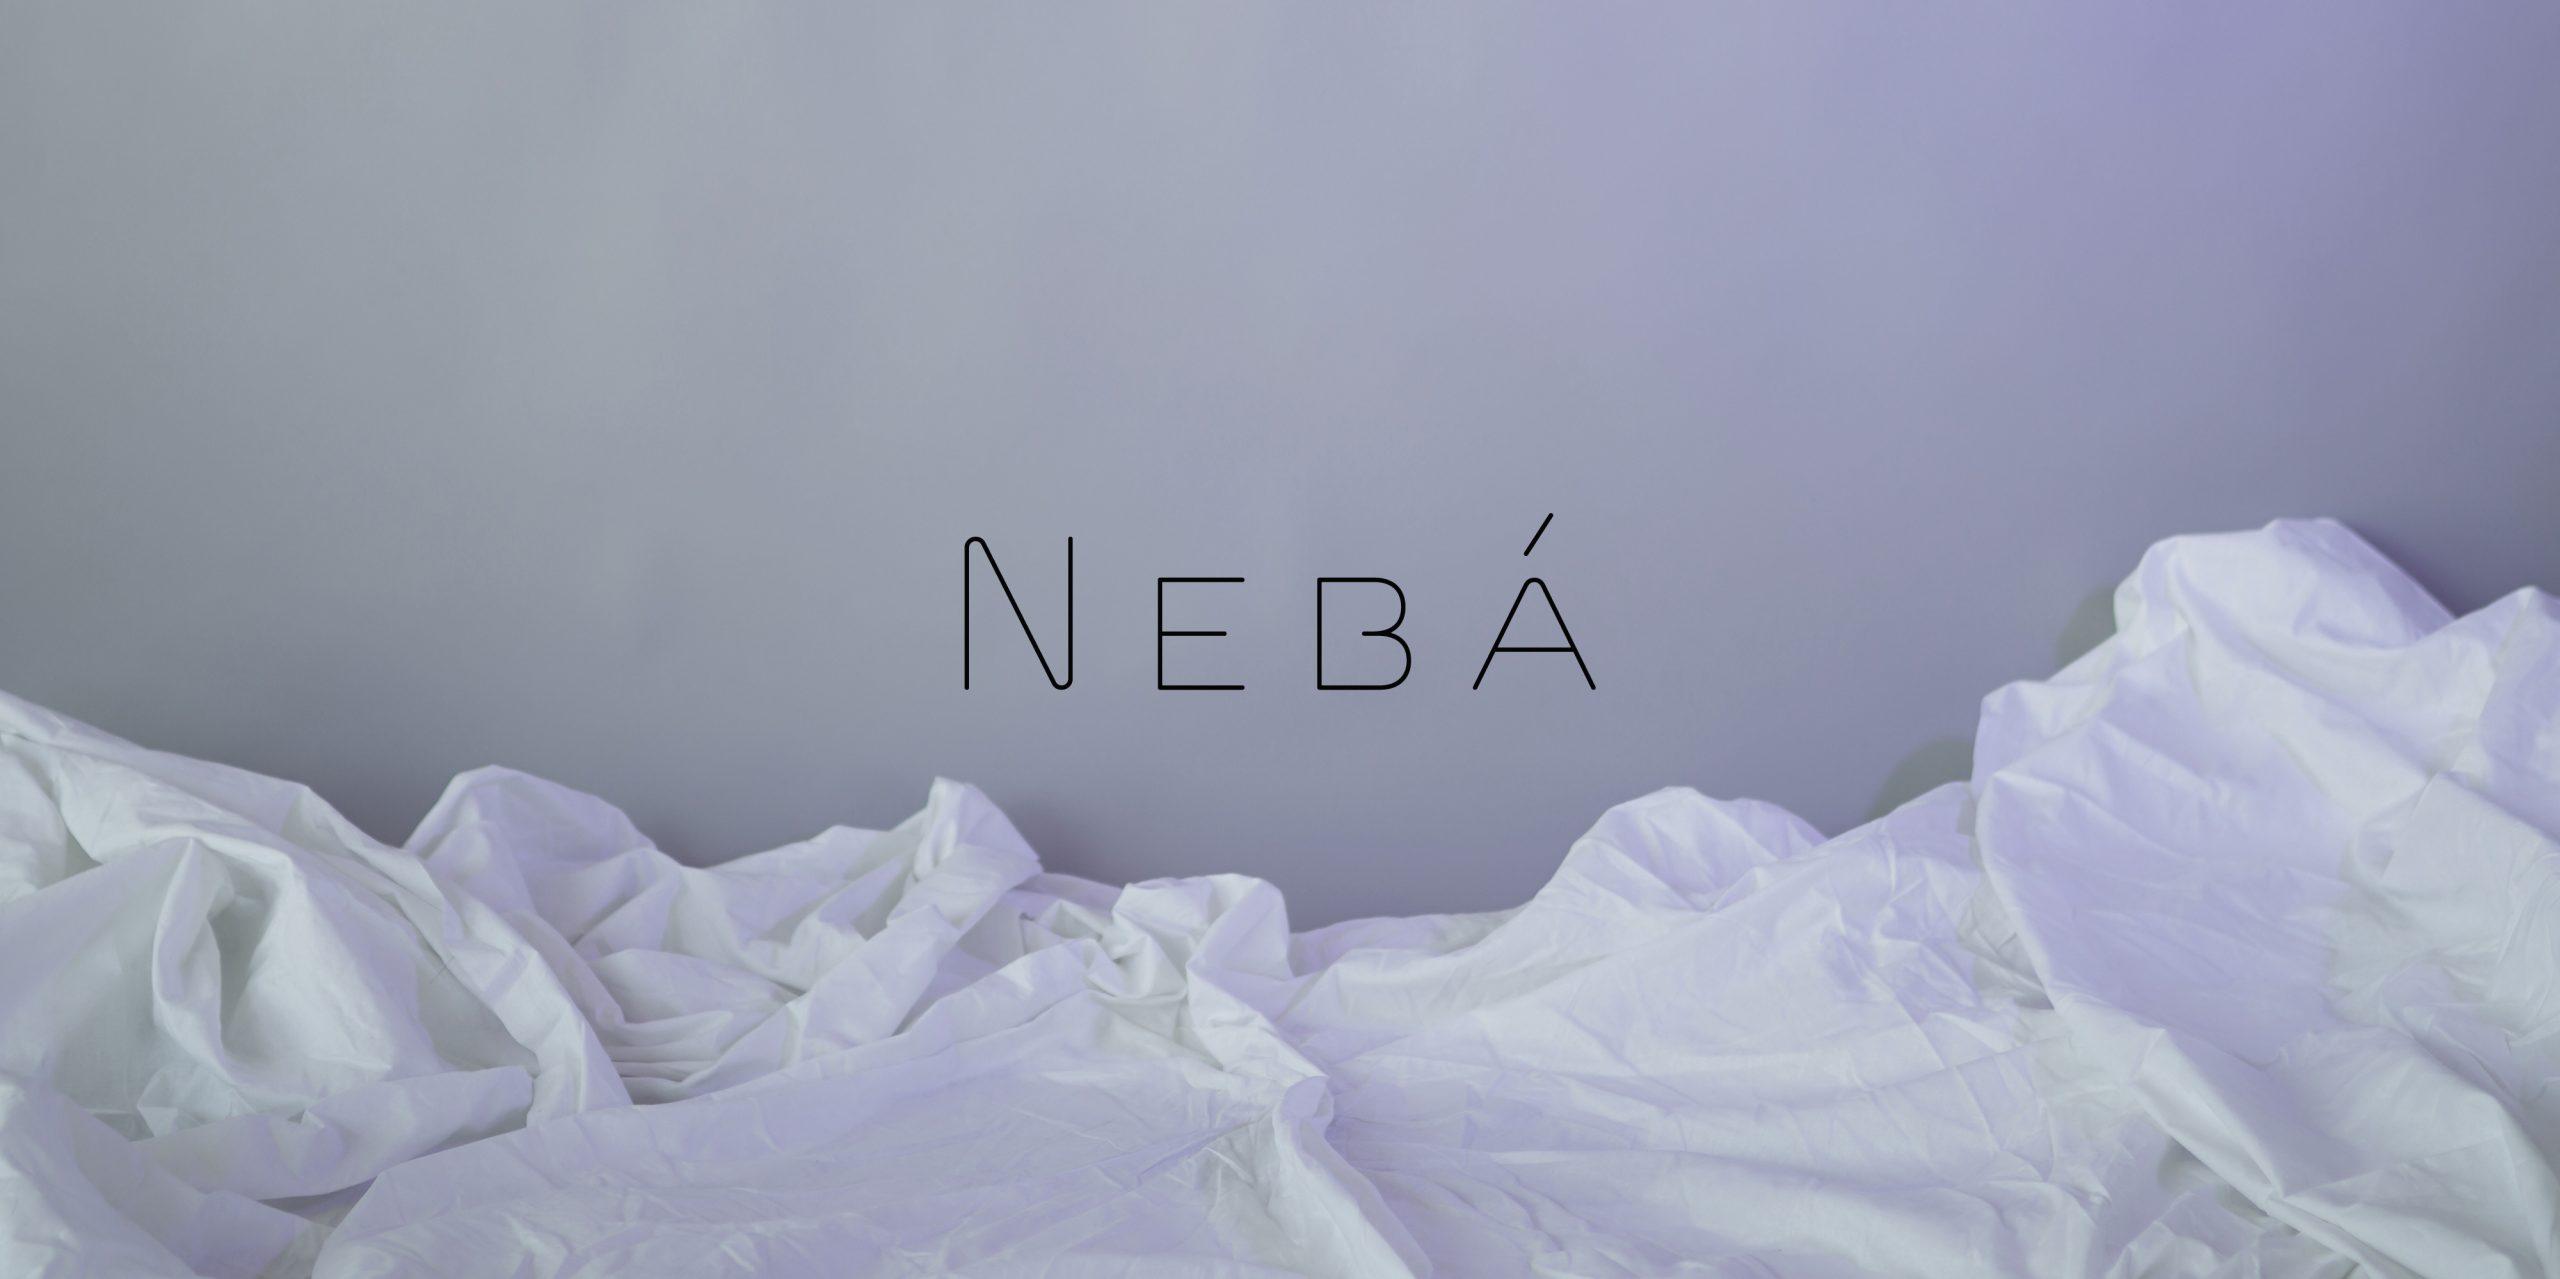 neba-banner1